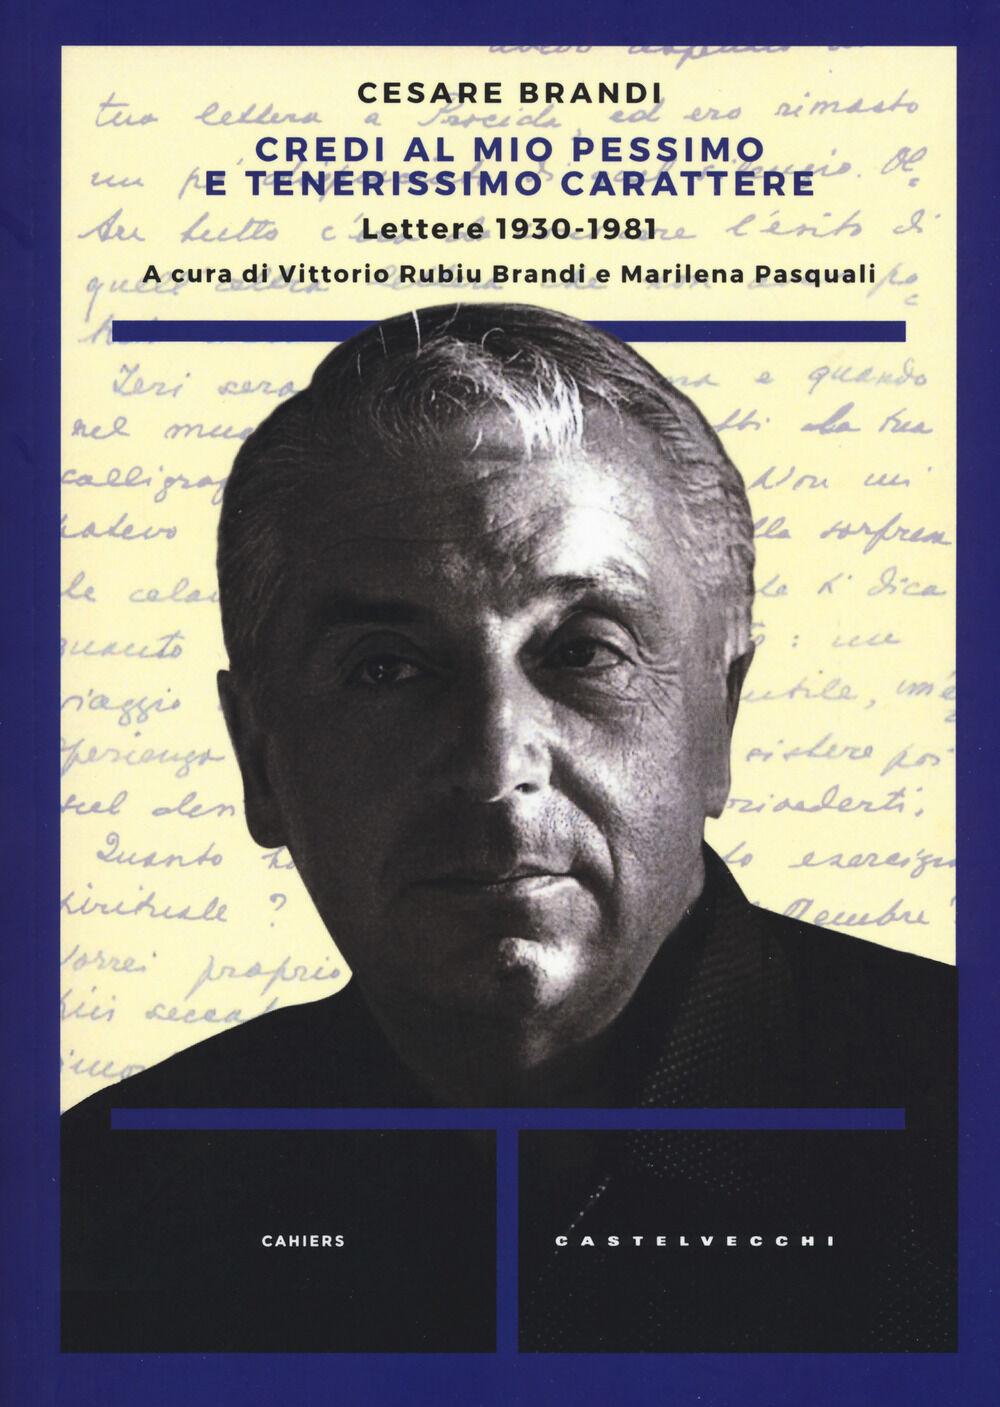 Risultati immagini per Credi al mio pessimo e tenerissimo carattere... Lettere 1930-1983 di Cesare Brandi.